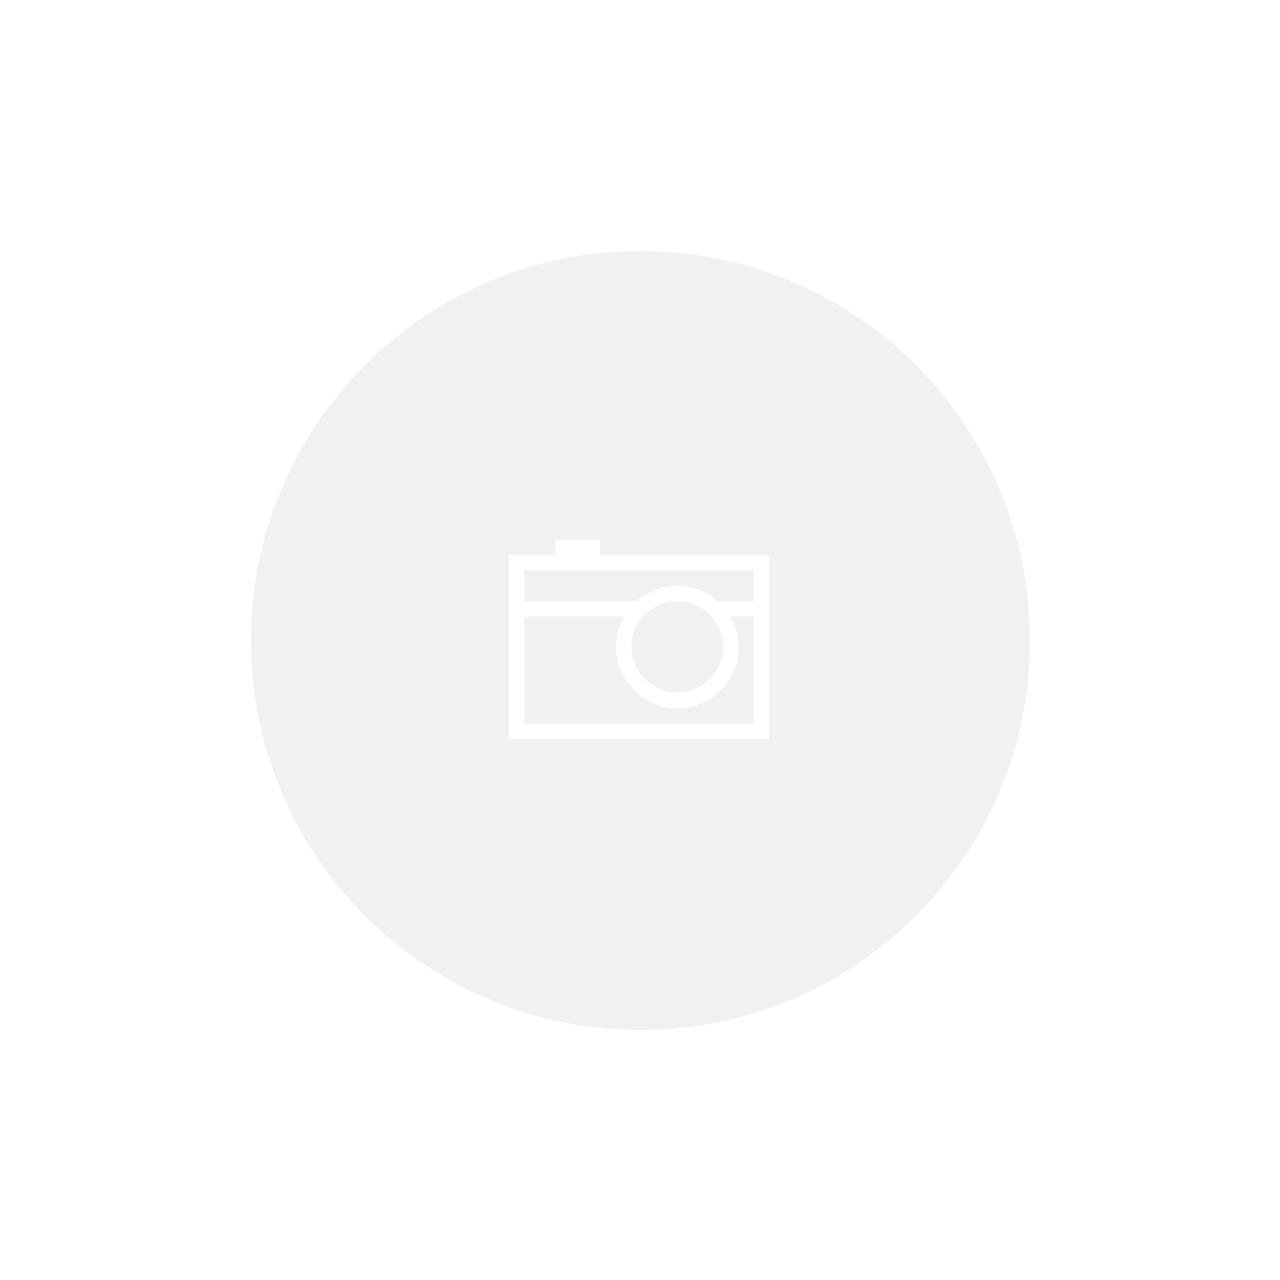 Placa de Rede Pci Express Tplink 10/100/1000 Gigabit Tg-3468